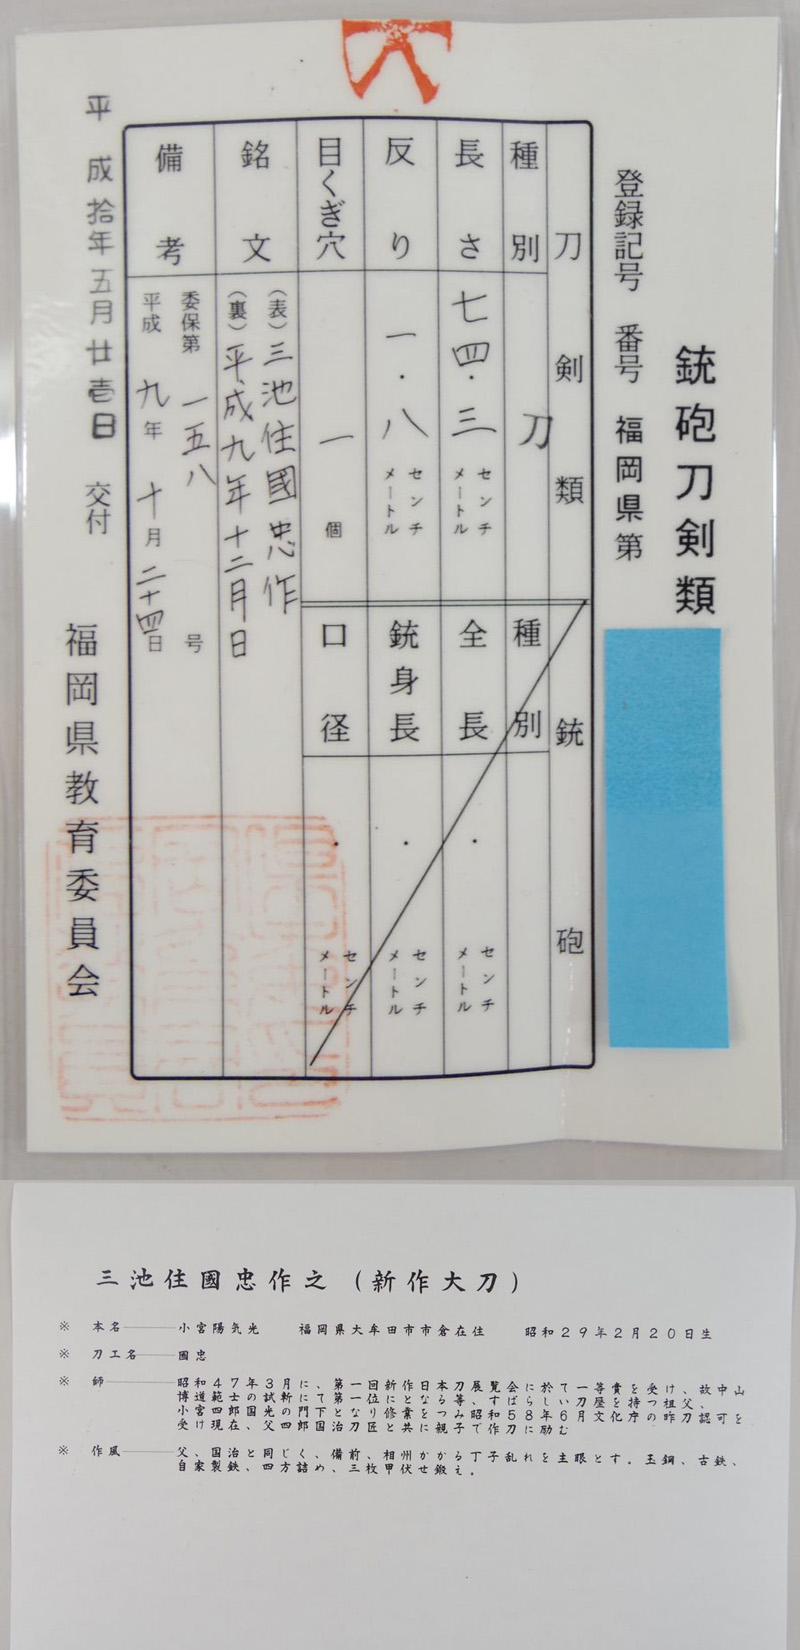 刀 三池住國忠作之 (小宮国忠)  平成九年十二月日 Picture of Certificate